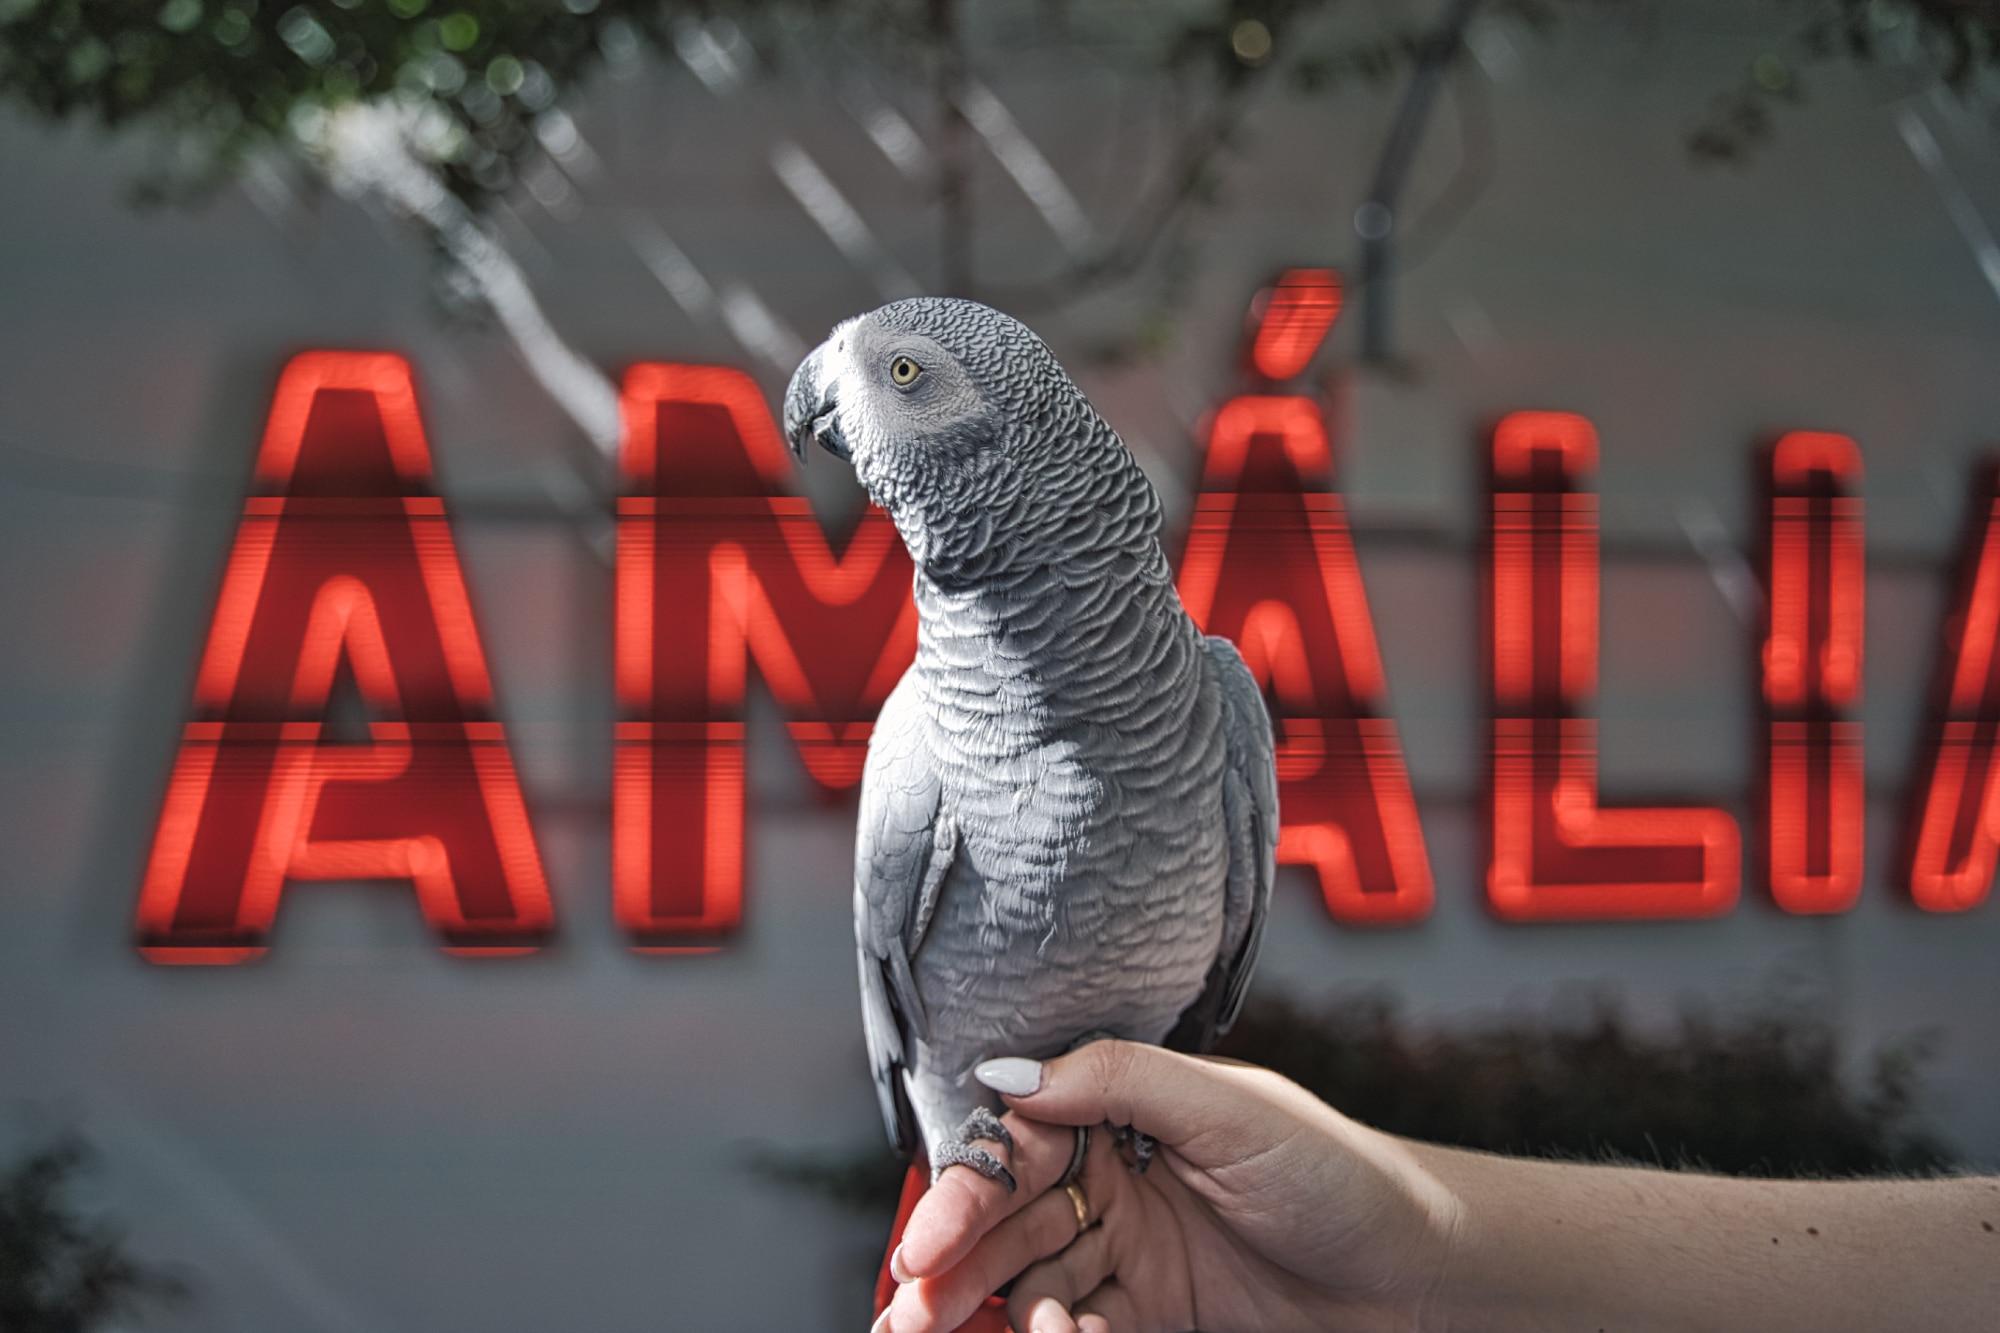 De certeza que te vais divertir com o que diz o Chico, o papagaio de Amália Rodrigues. É tão engraçado!